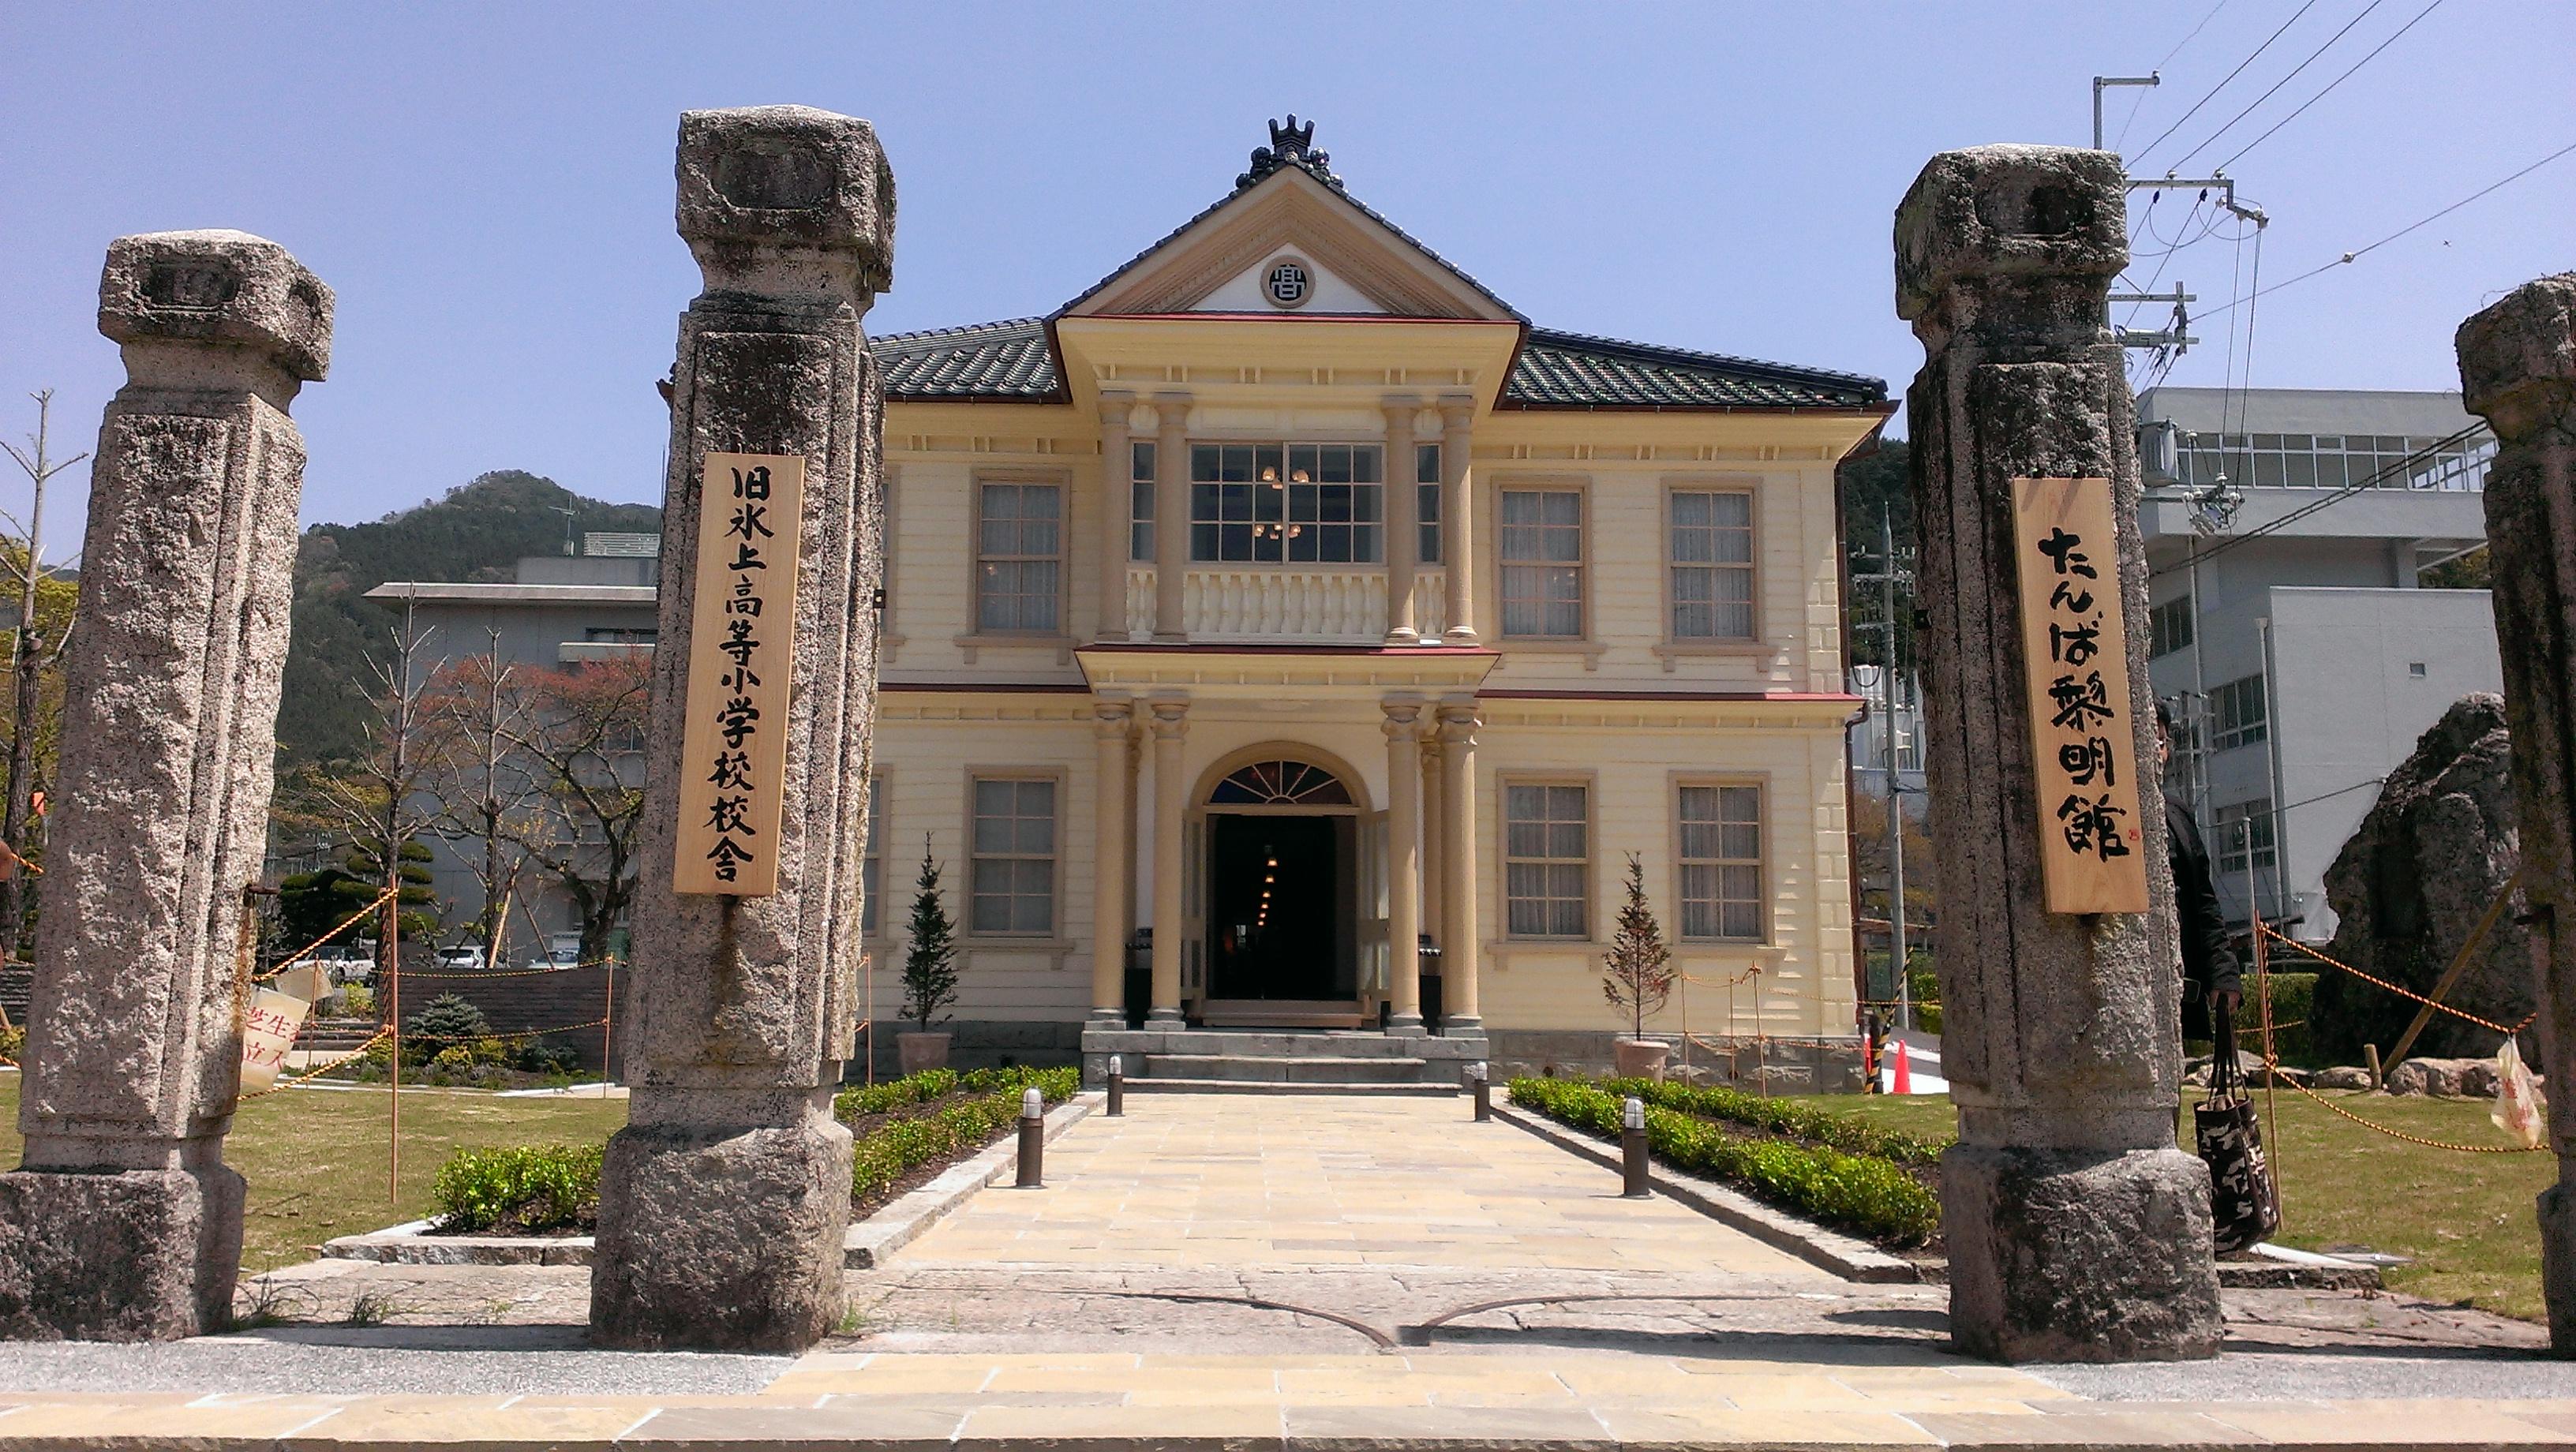 ル・クロ丹波邸に行ってきました